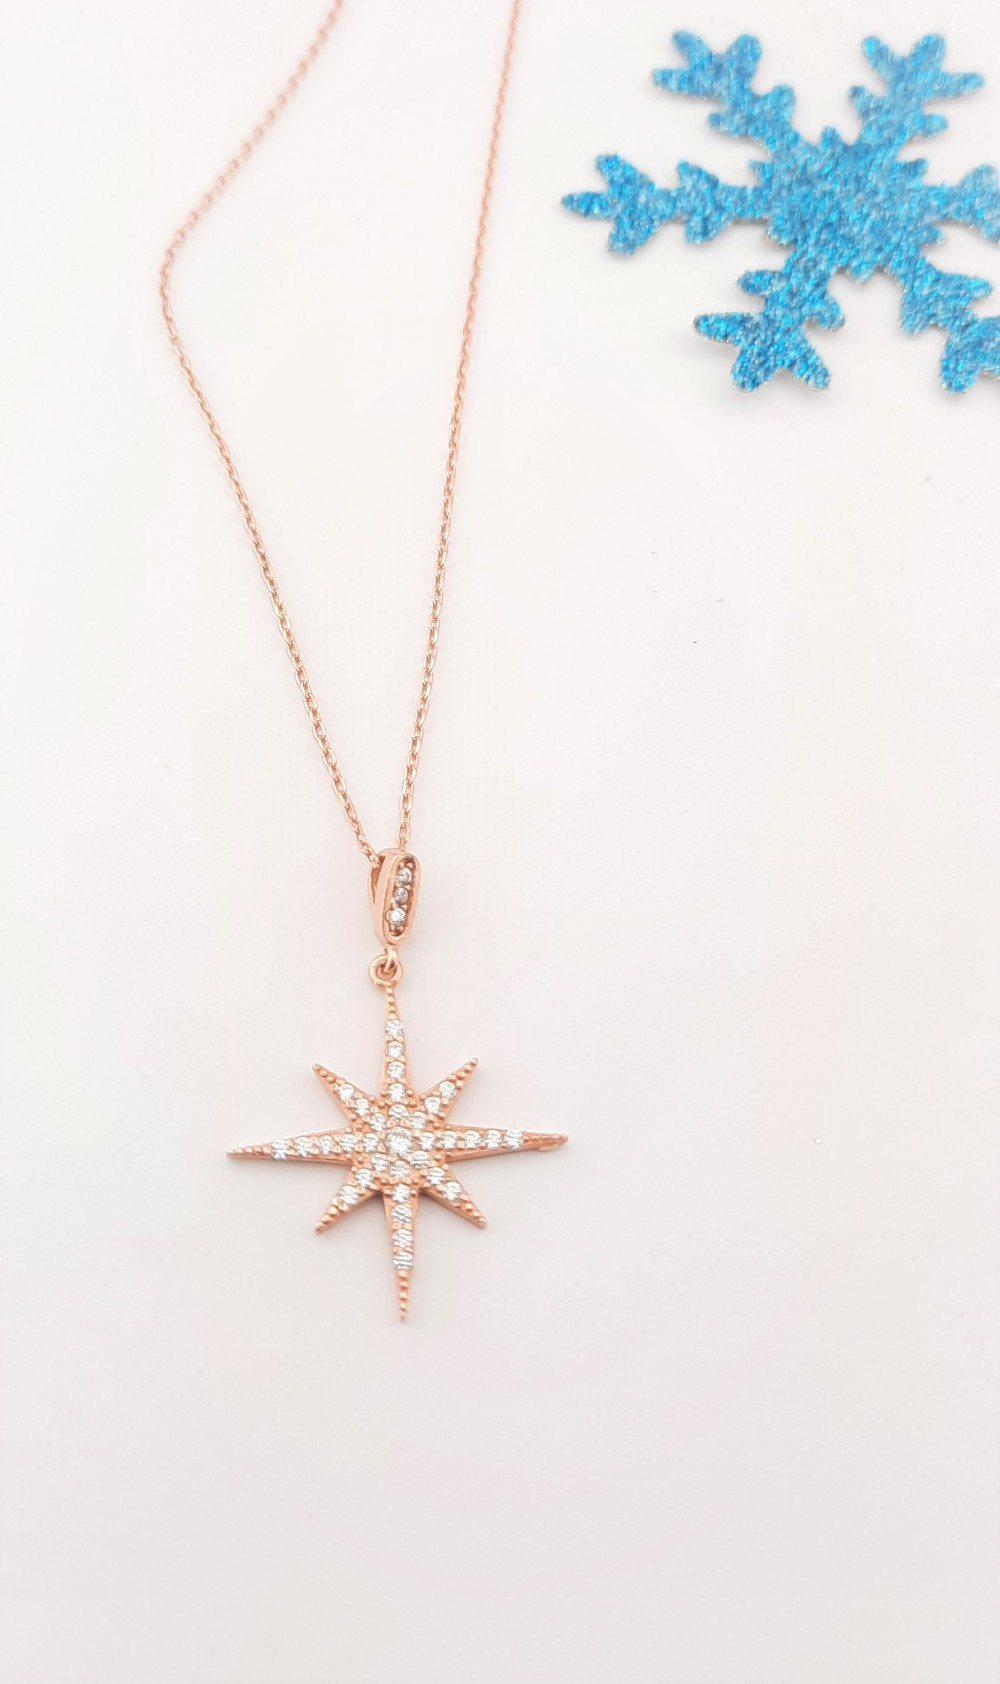 Kutup Yıldızı Rosegold Gümüş Kolye